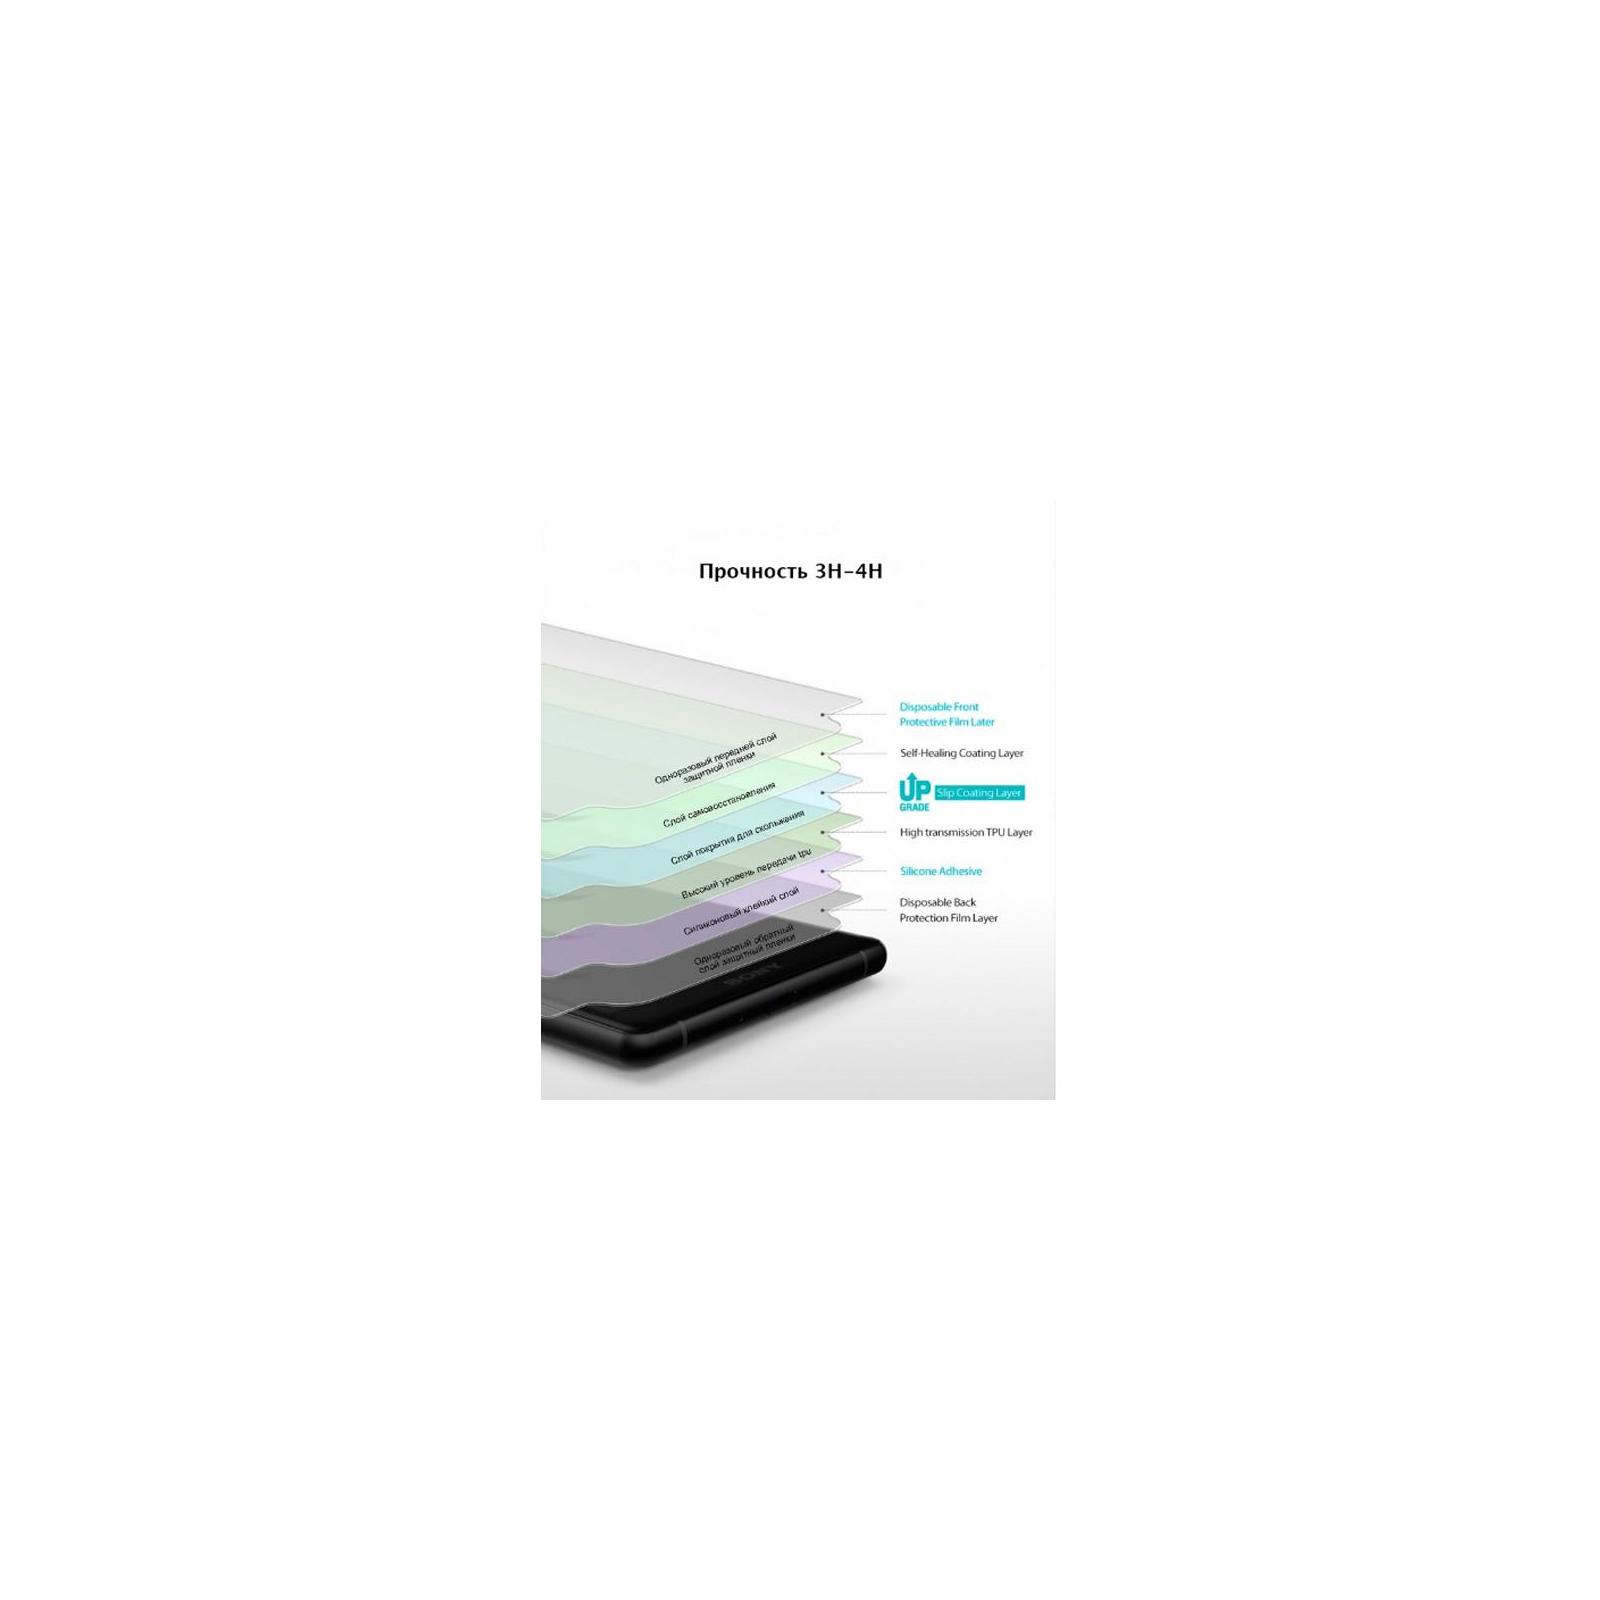 Пленка защитная Ringke для телефона Sony Xperia XZ2 Full Cover (RSP4455) изображение 6